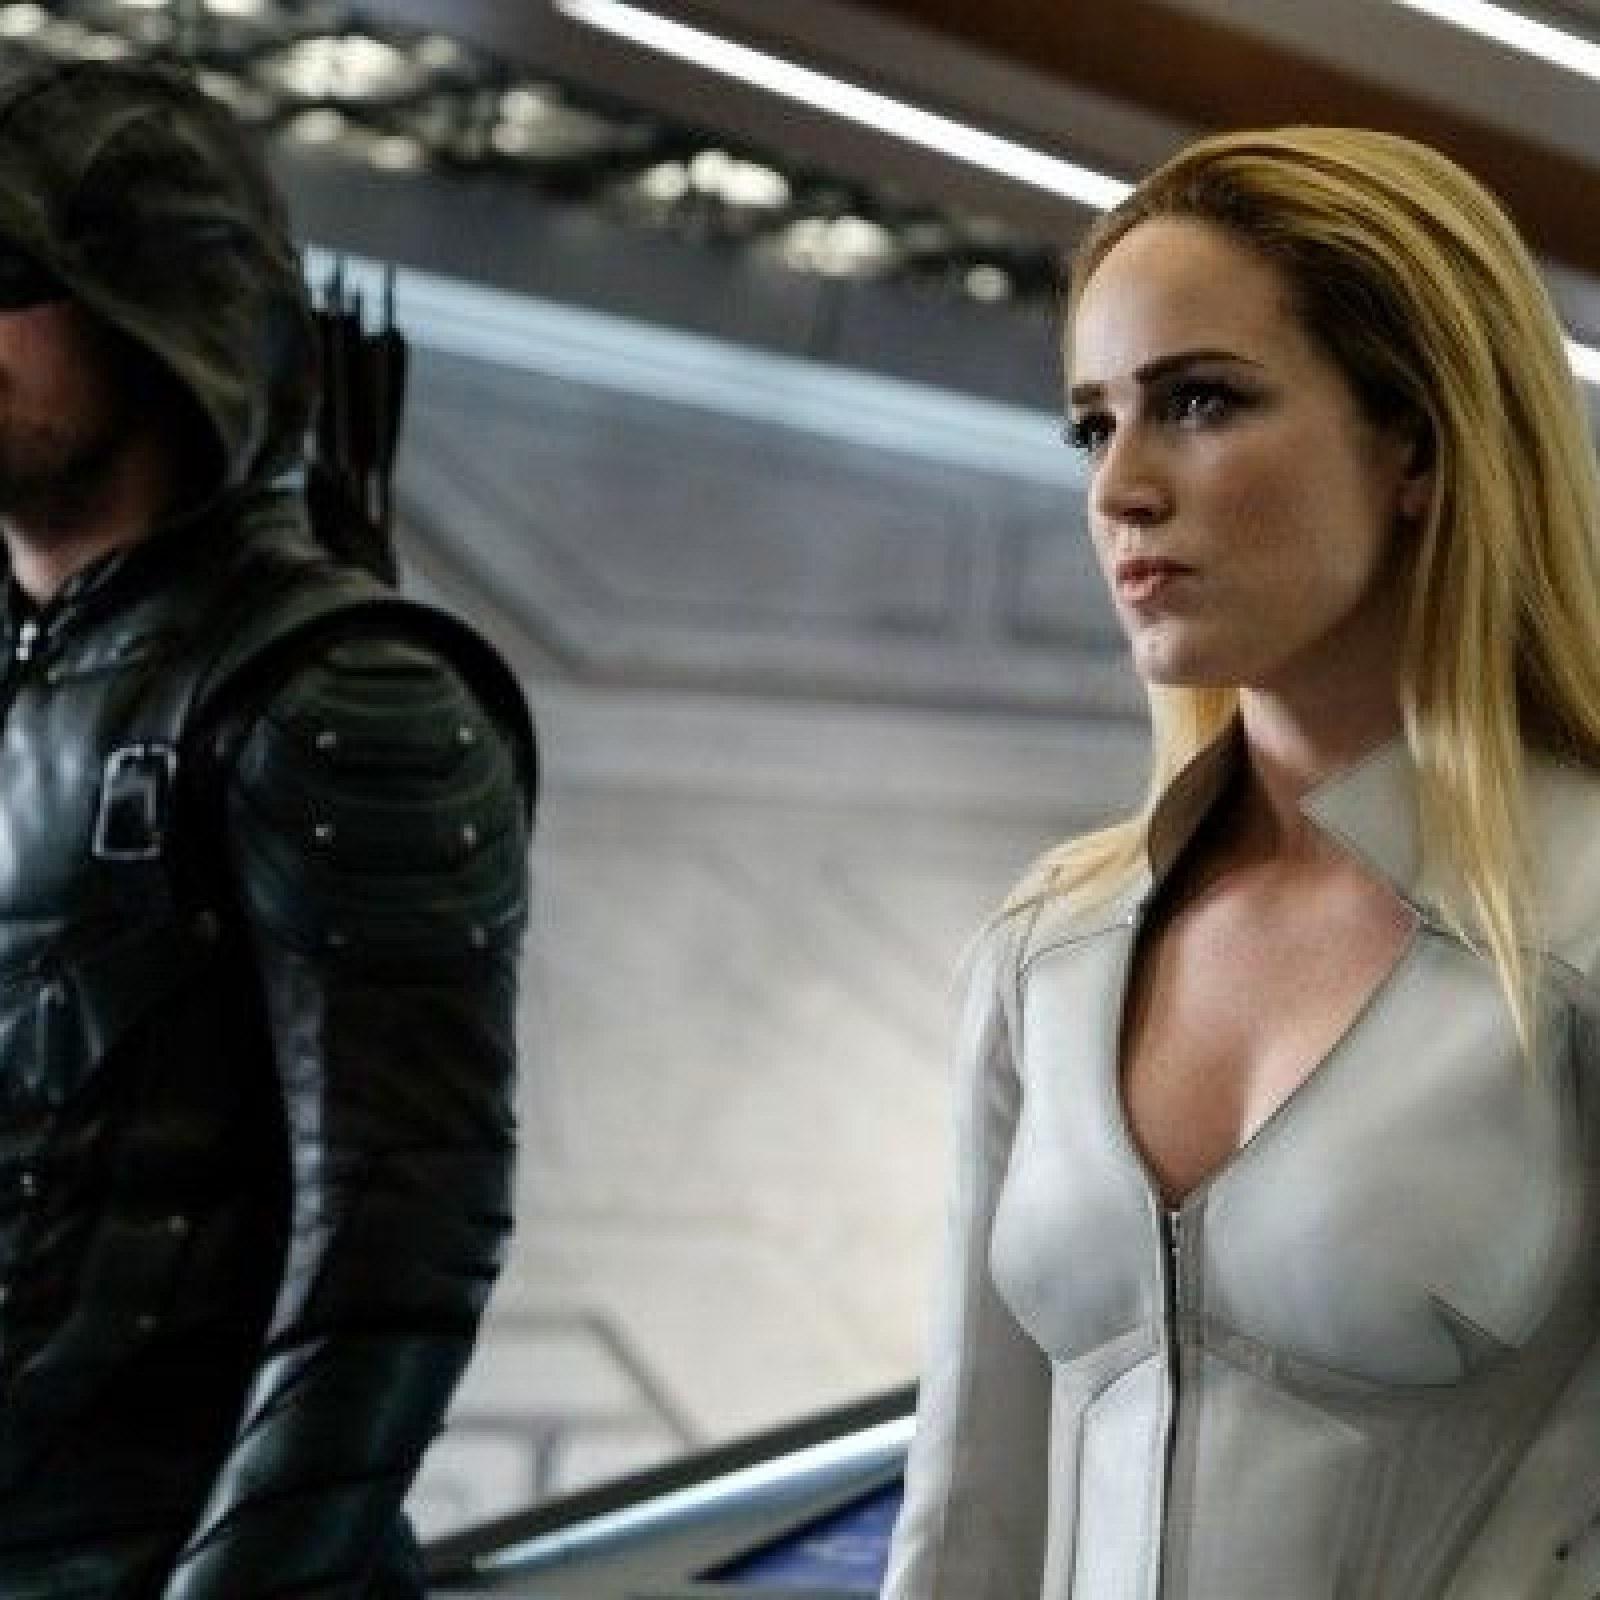 Arrow Season 6 Brings Back White Canary In Finale